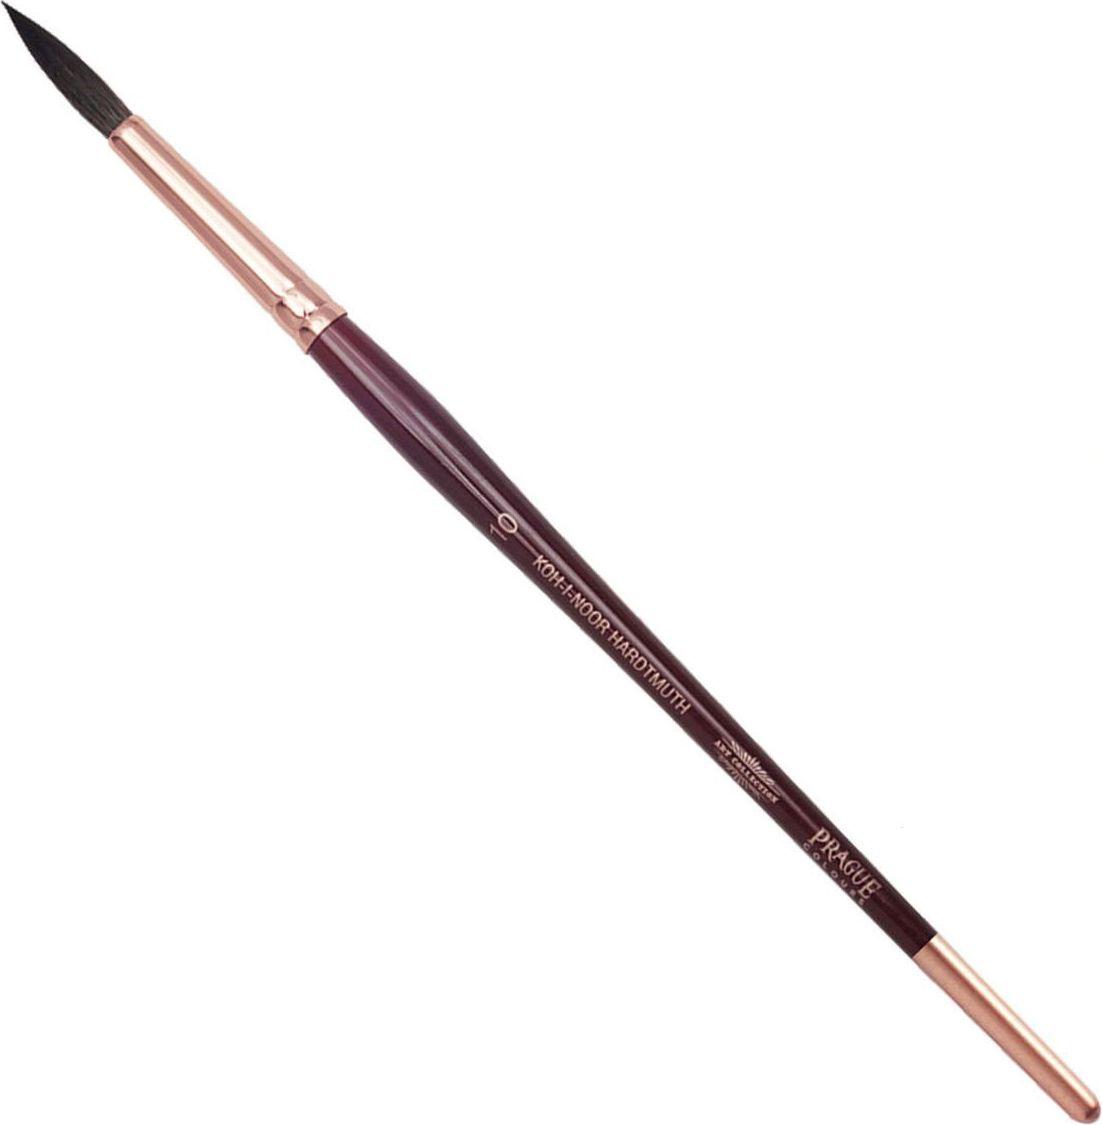 Koh-I-Noor Кисть белка круглая №10 короткая ручка200401Высококачественная кисть Koh-i-Noor выполнена из натурального волоса белки. Волос прекрасно сохраняет форму, не ломается, впитывает влагу и хорошо моется под проточной струей воды. Подходит для акварели и индийских красок.